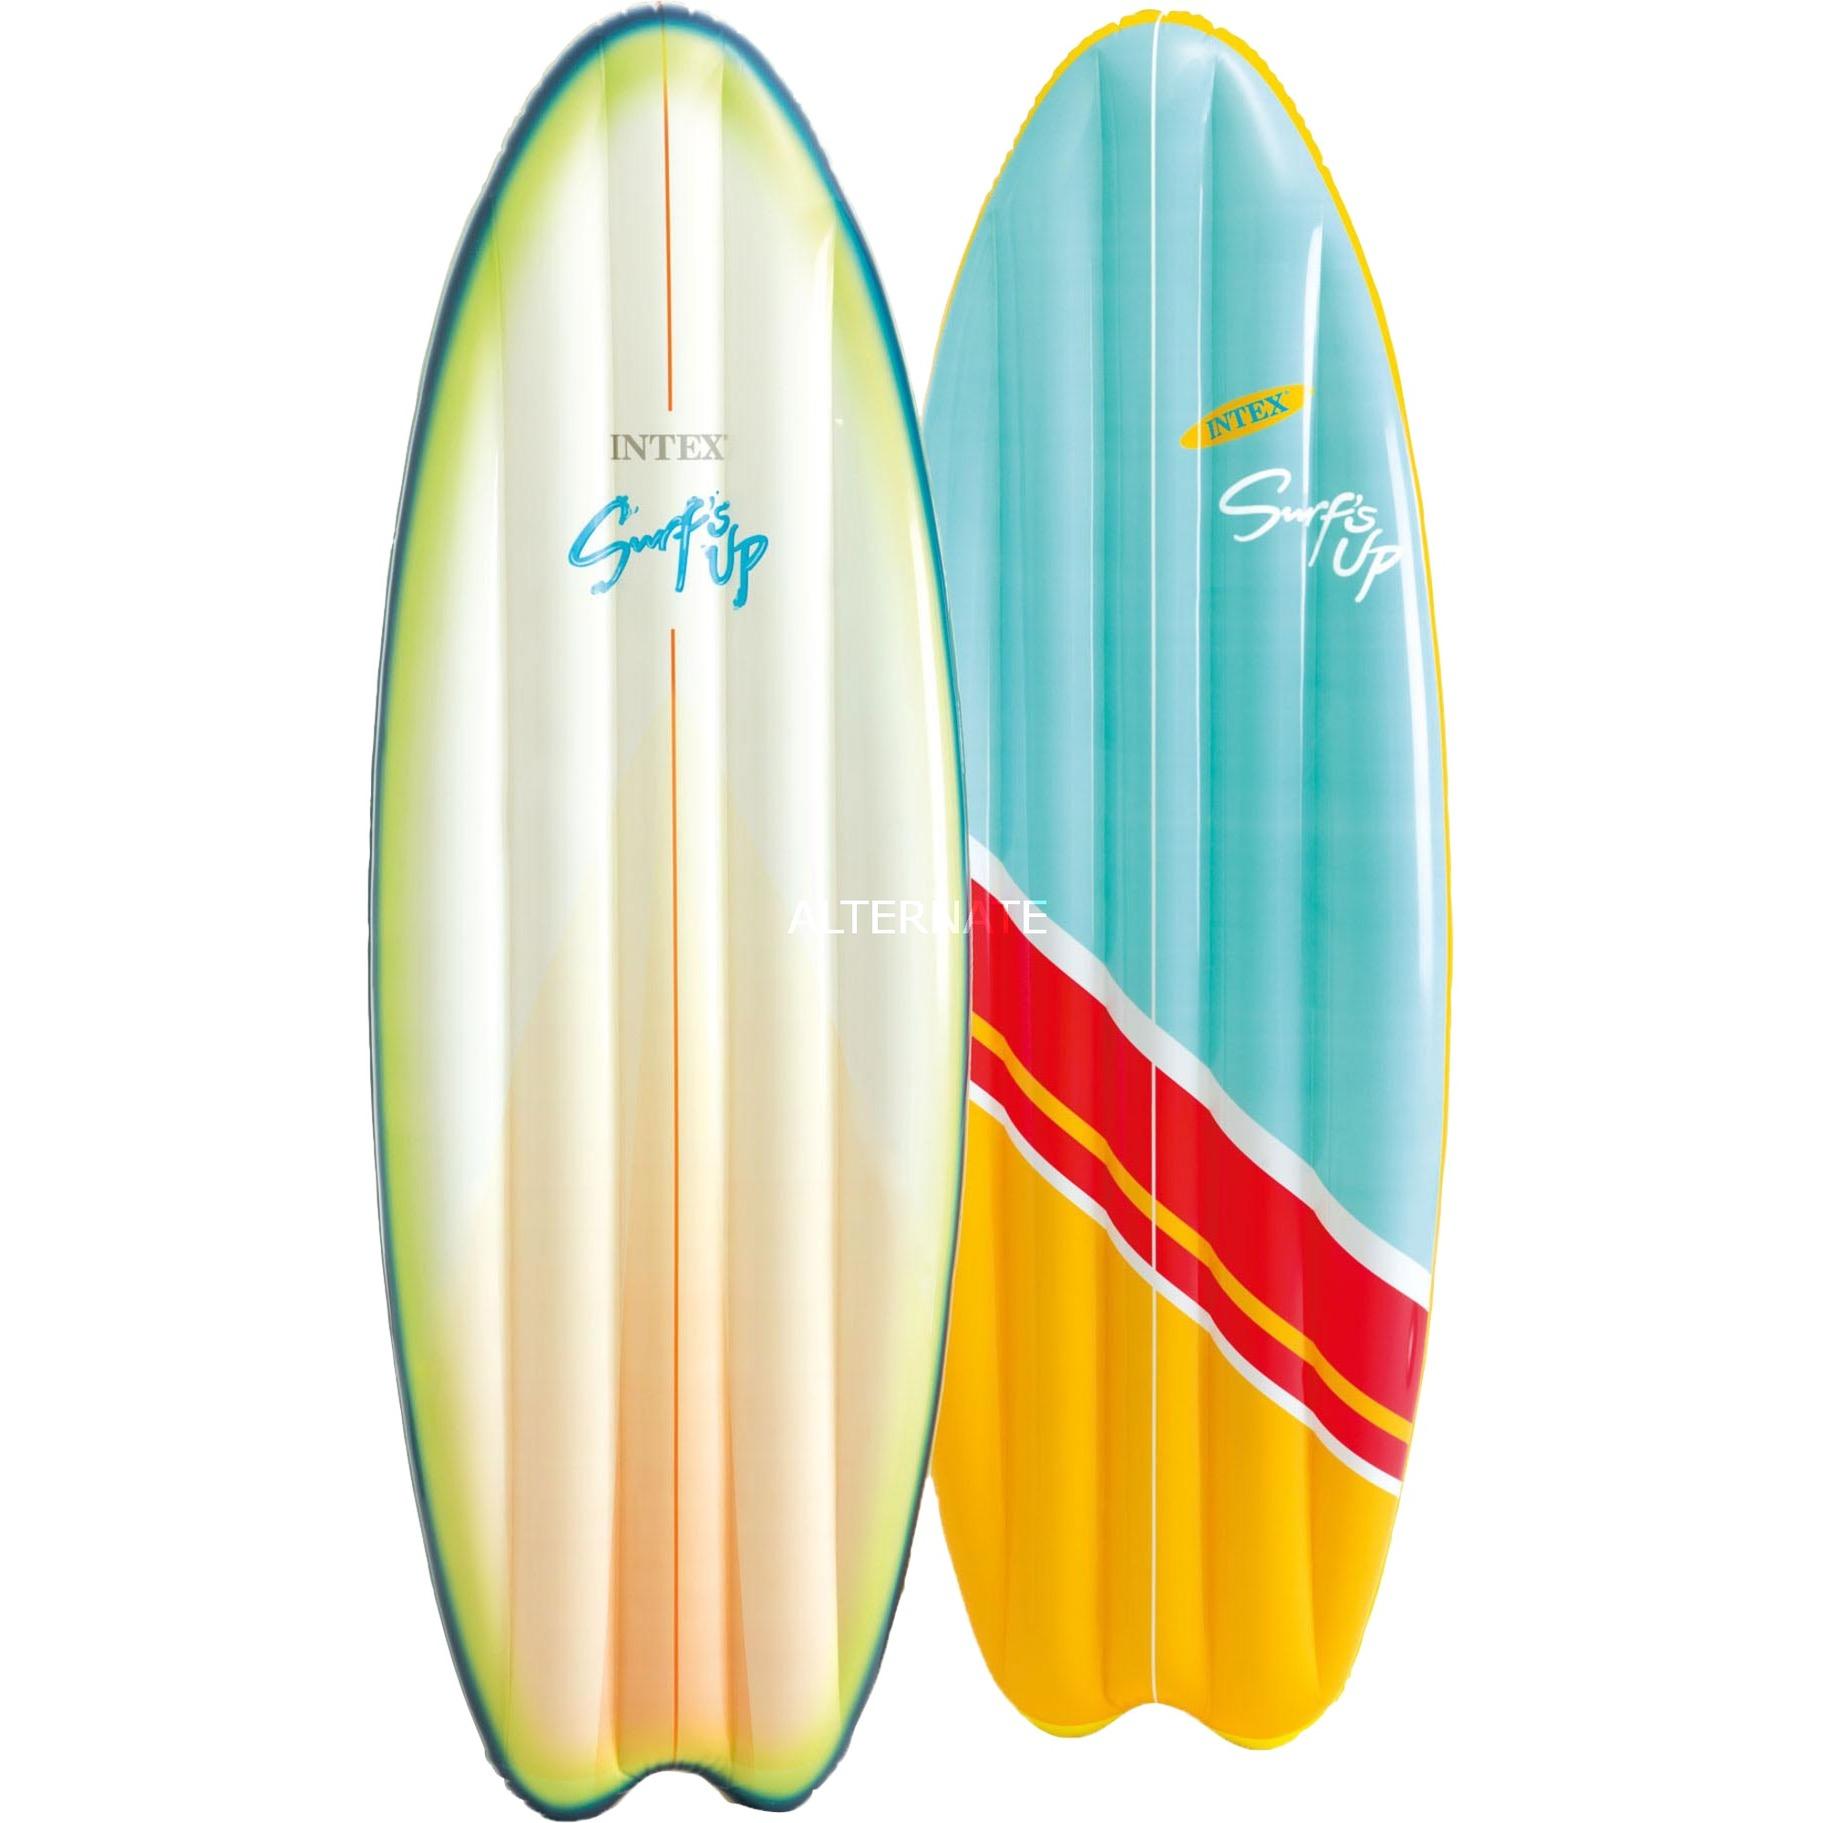 Intex Matelas Gonflable De Piscine Surf Fiber Tech dedans Rustine Pour Piscine